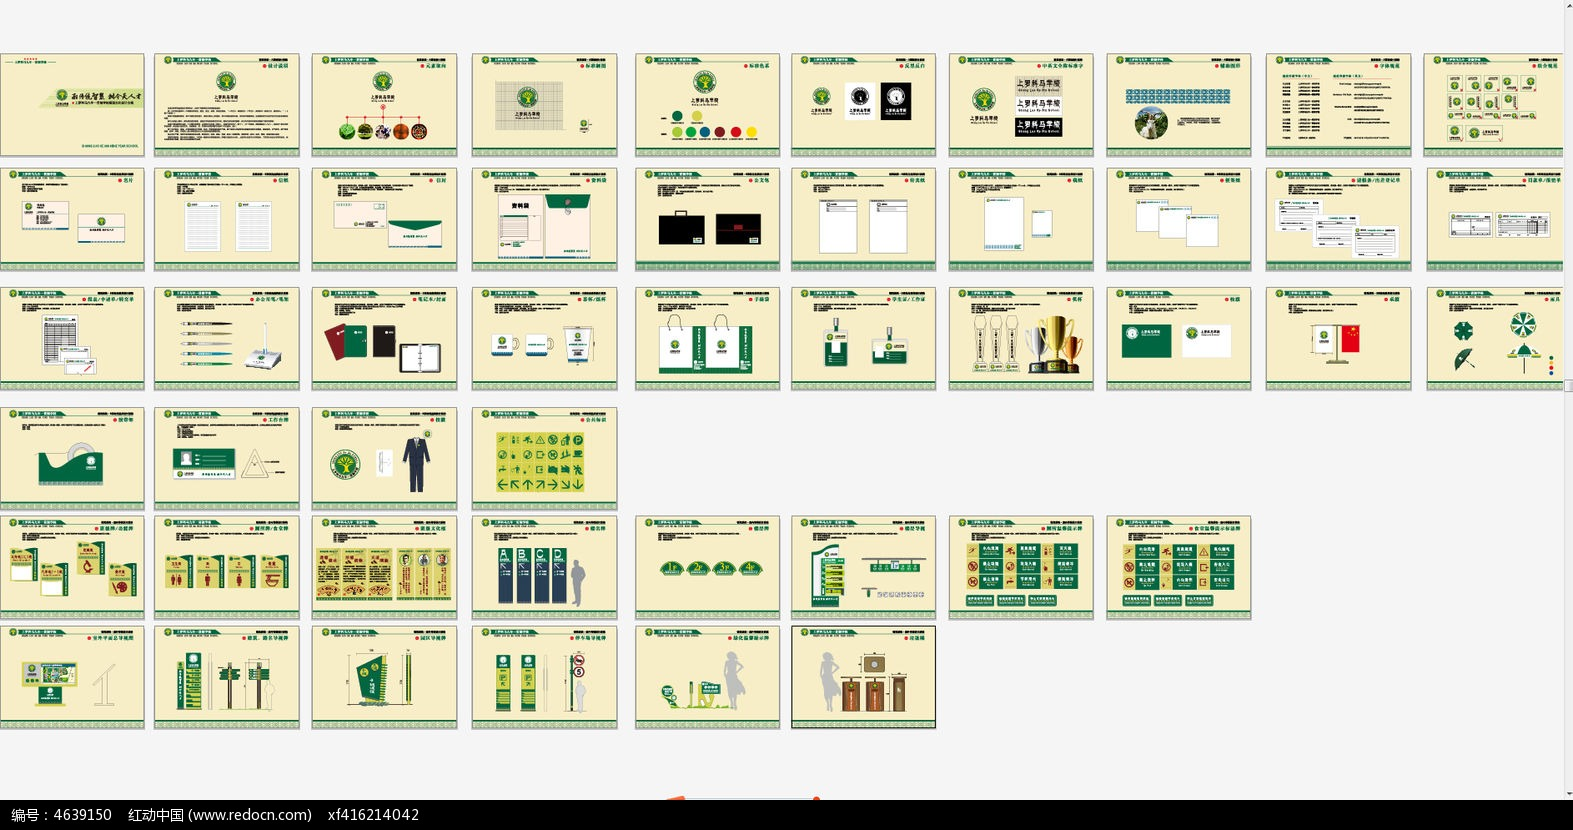 校园VI系统设计模板AI素材下载 vi设计 vi模板设计图片